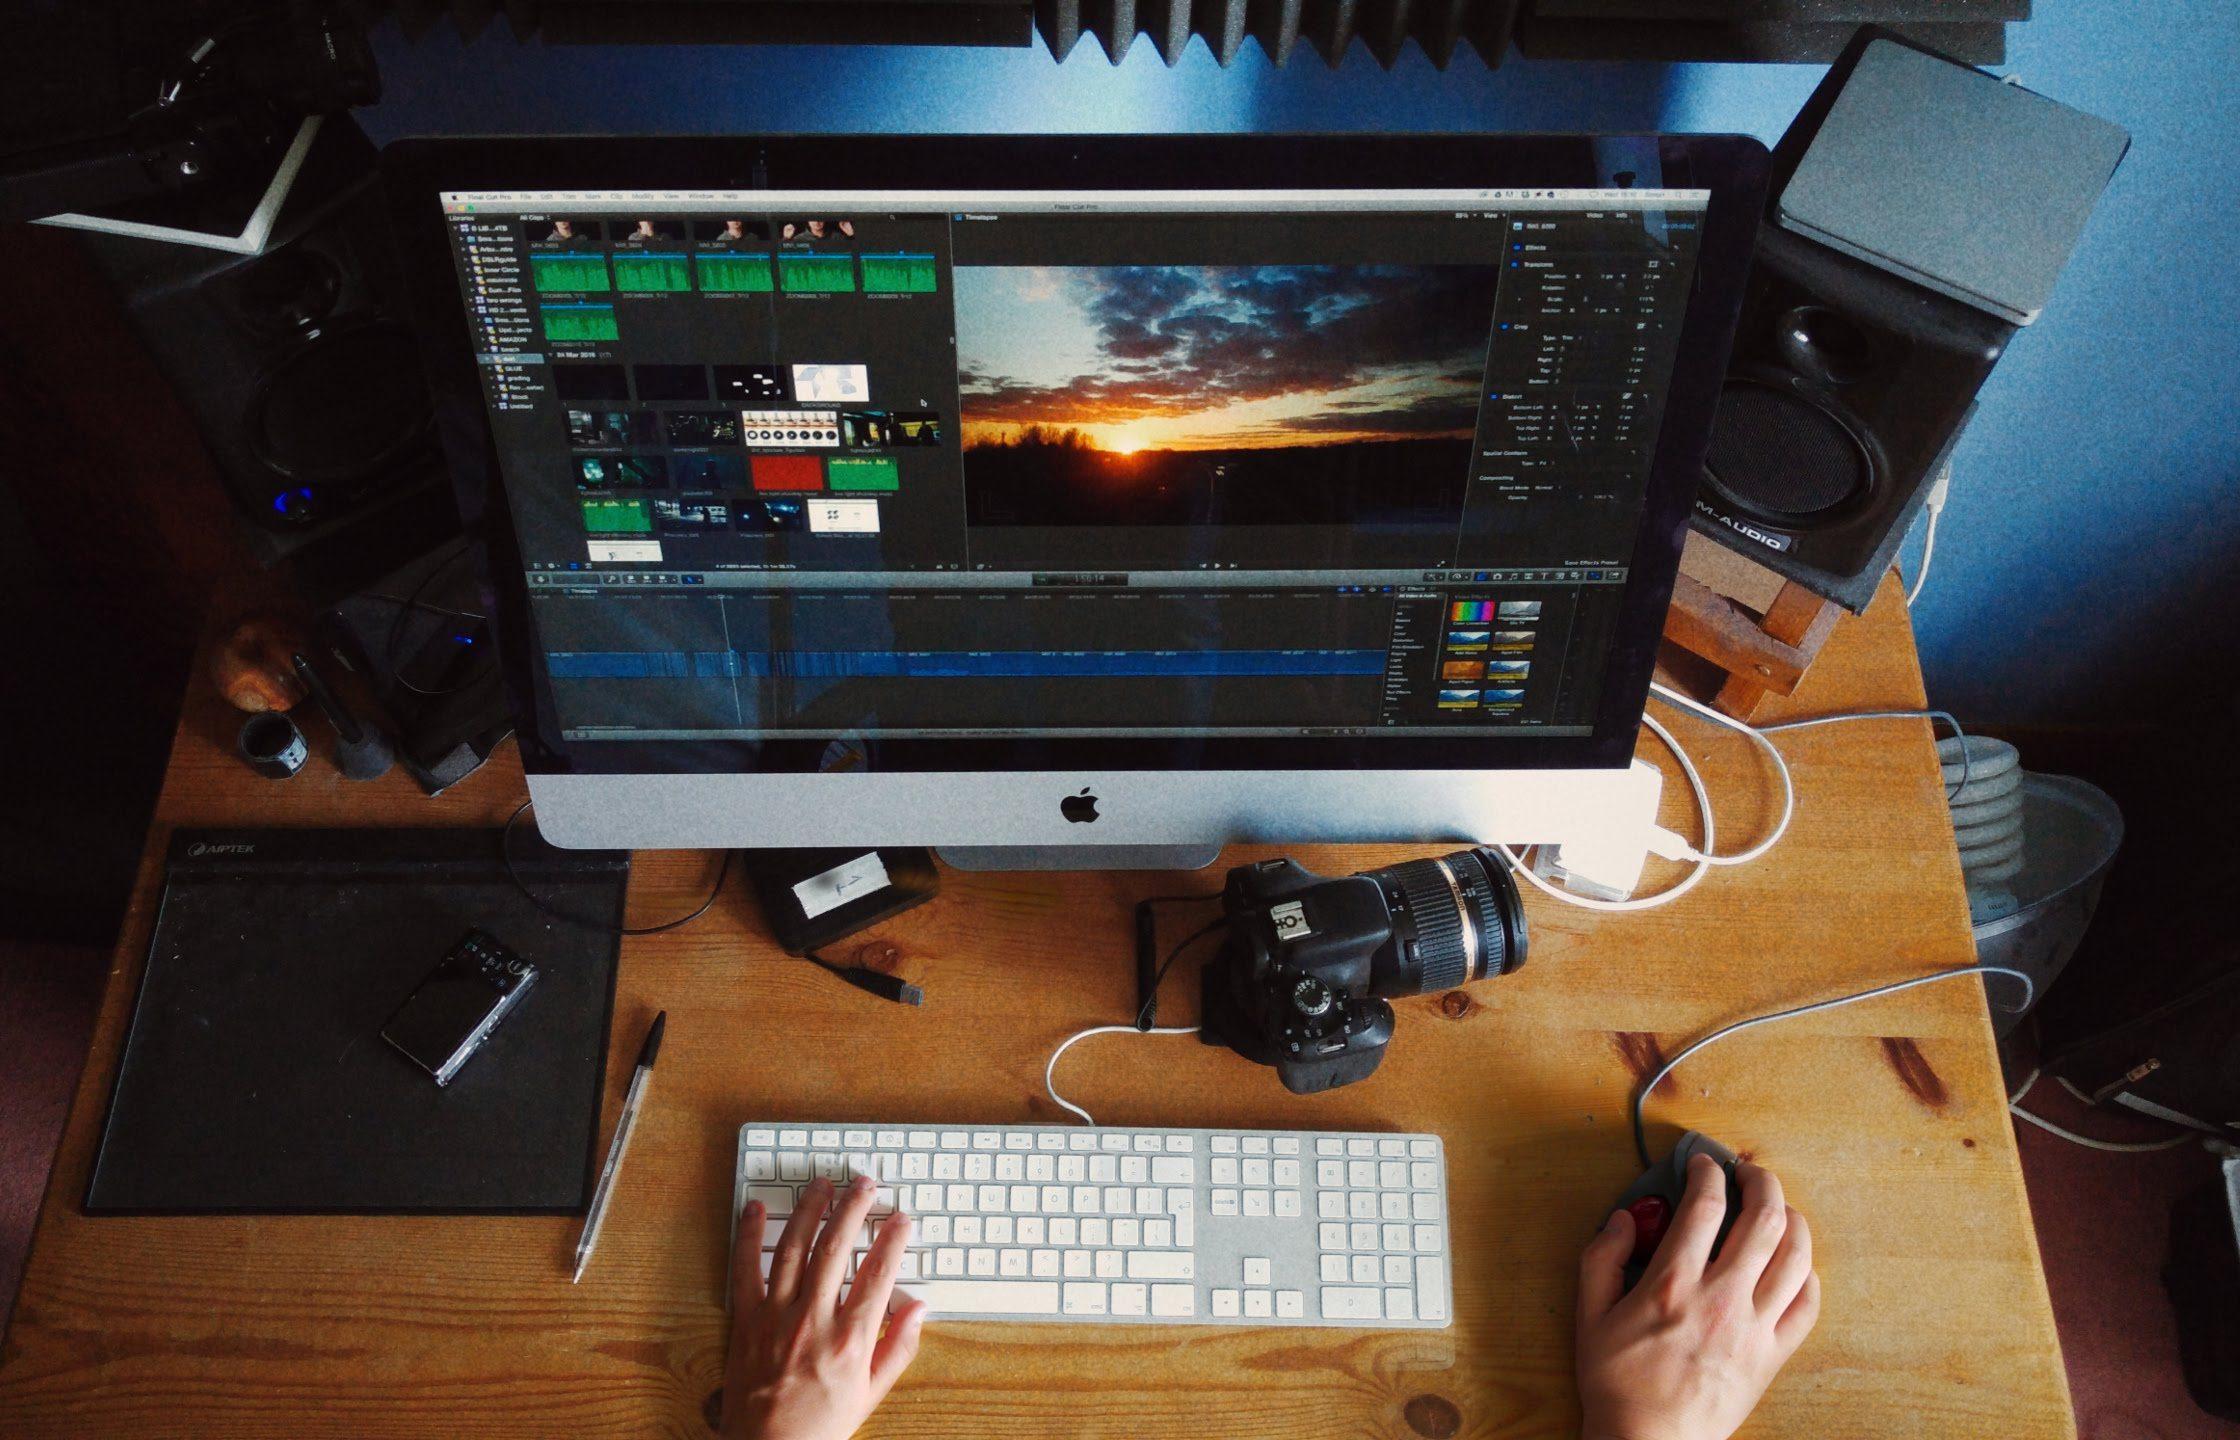 Disponibile il Video Editor DaVinci Resolve 15 - Lffl.org